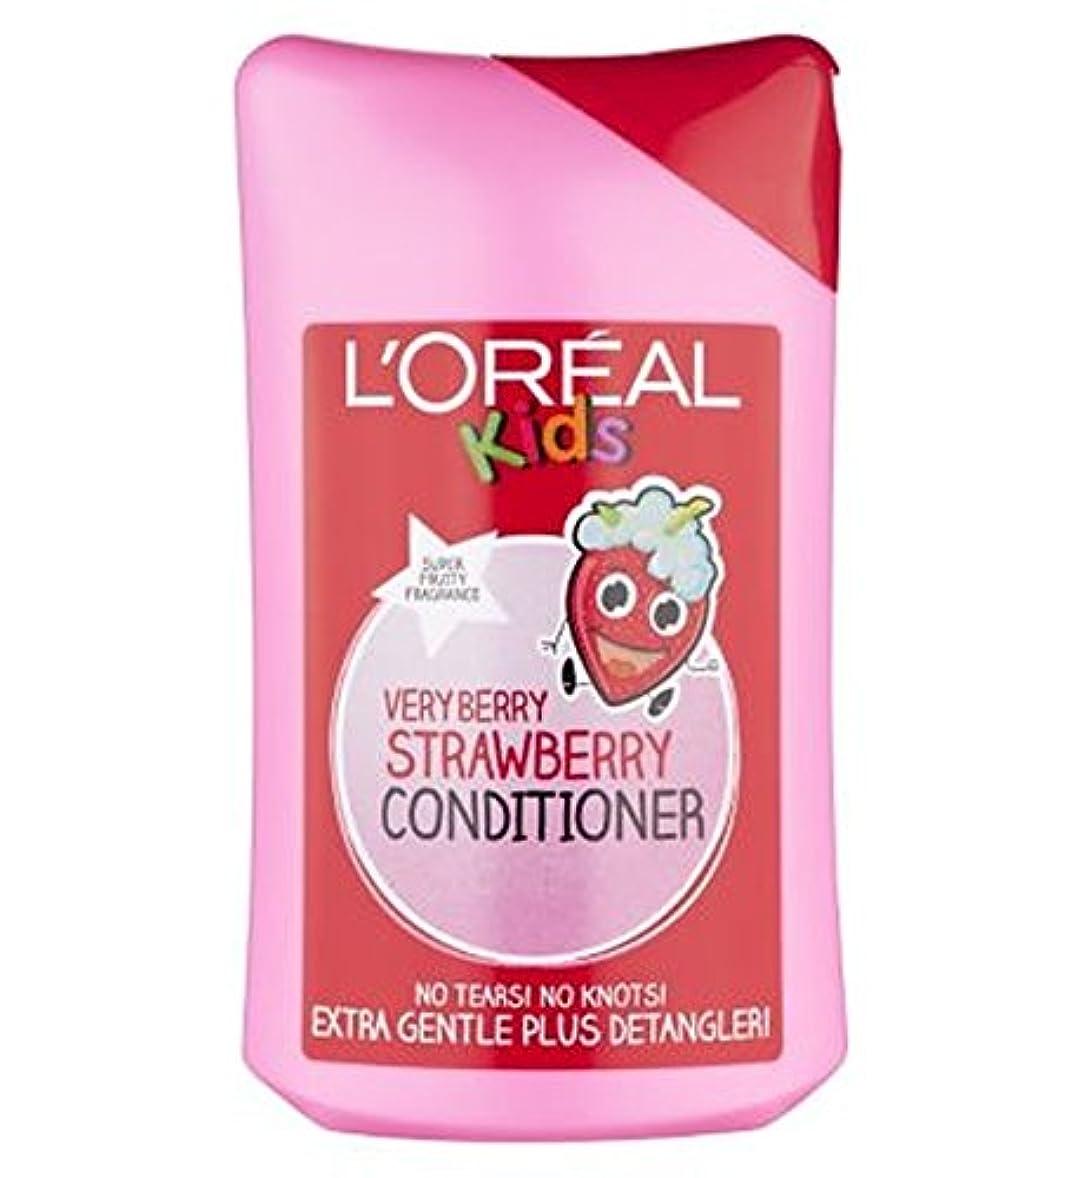 無謀有害な鉄L'Oreall子供余分な穏やかな非常にベリーストロベリーコンディショナー250ミリリットル (L'Oreal) (x2) - L'Oreall Kids Extra Gentle Very Berry Strawberry...